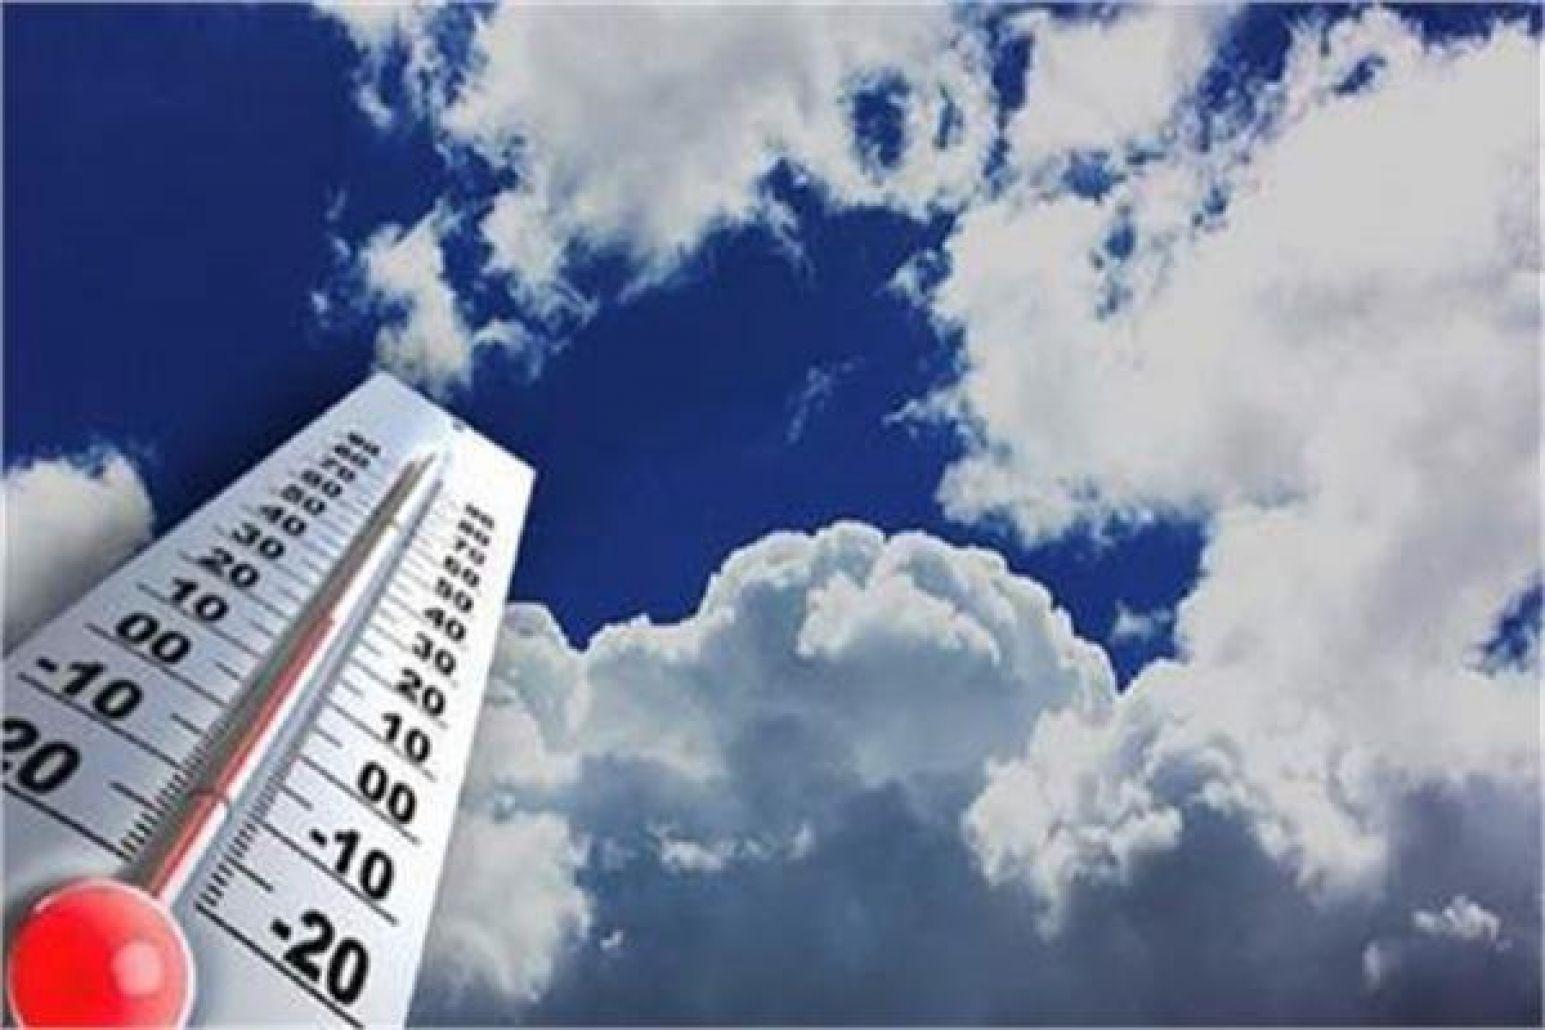 انخفاض درجات الحرارة.. تعرف على حالة الطقس من اليوم وحتى الأربعاء القادم